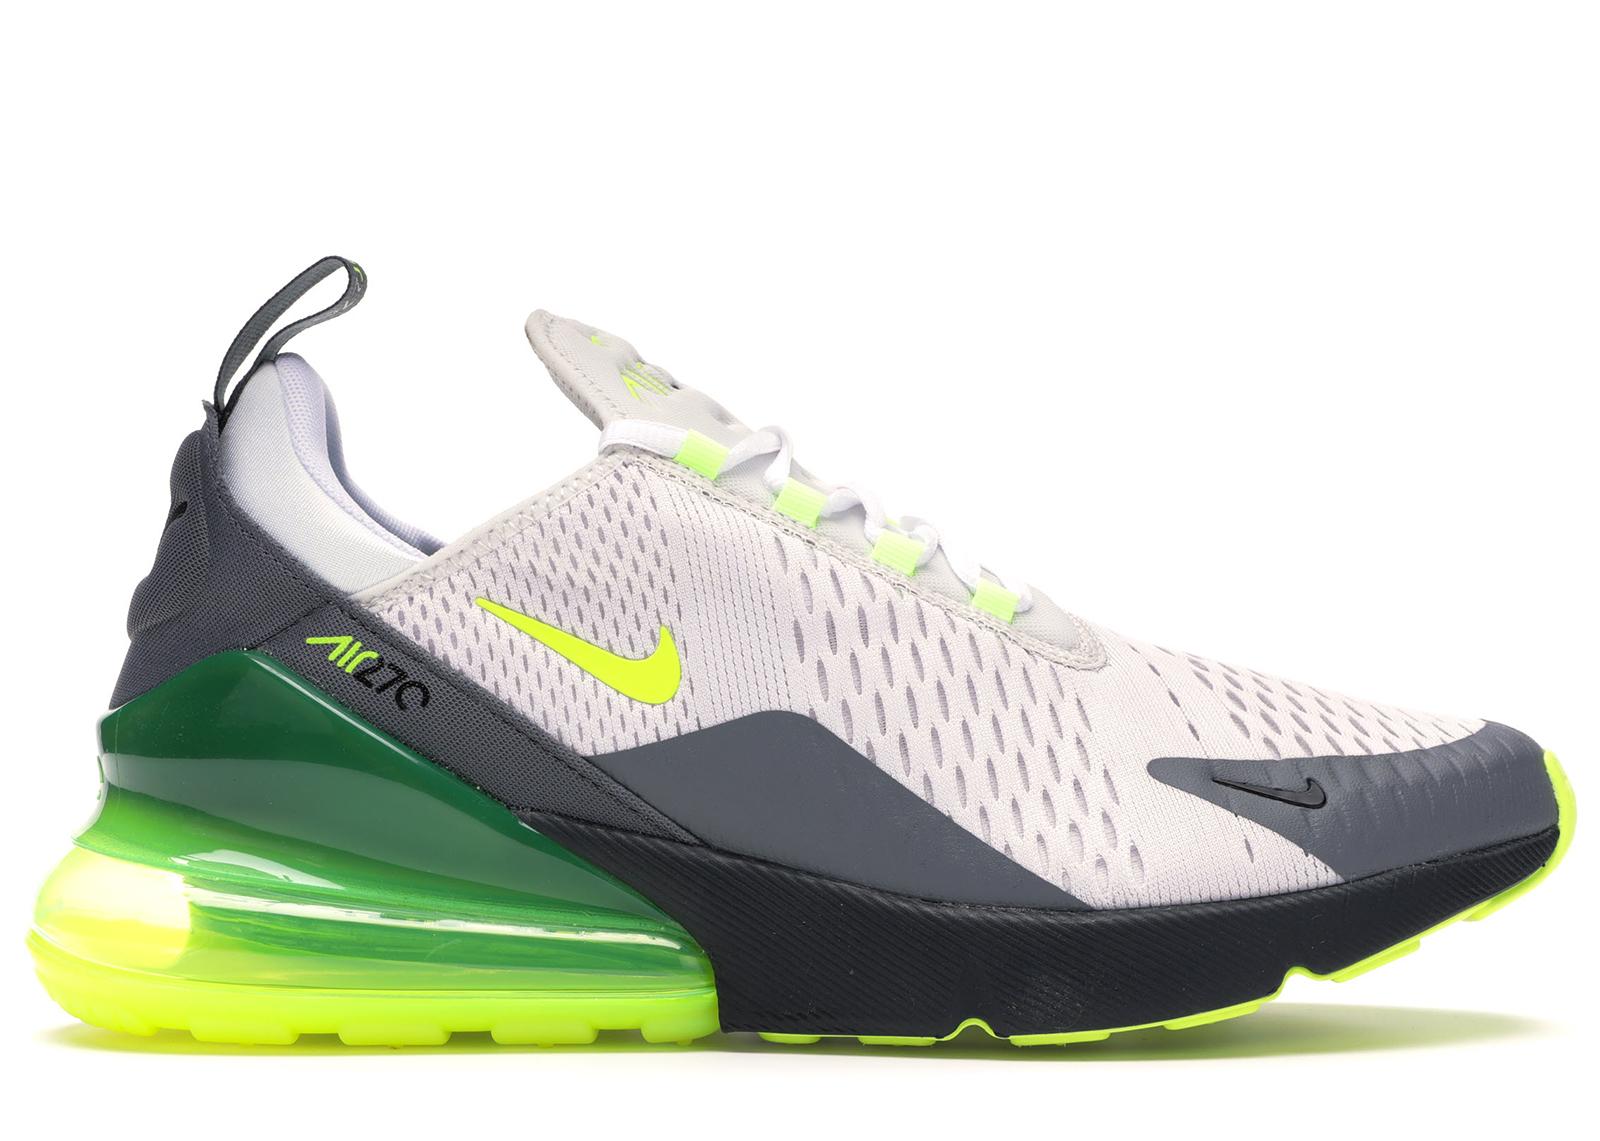 Nike Air Max 270 Platinum Volt